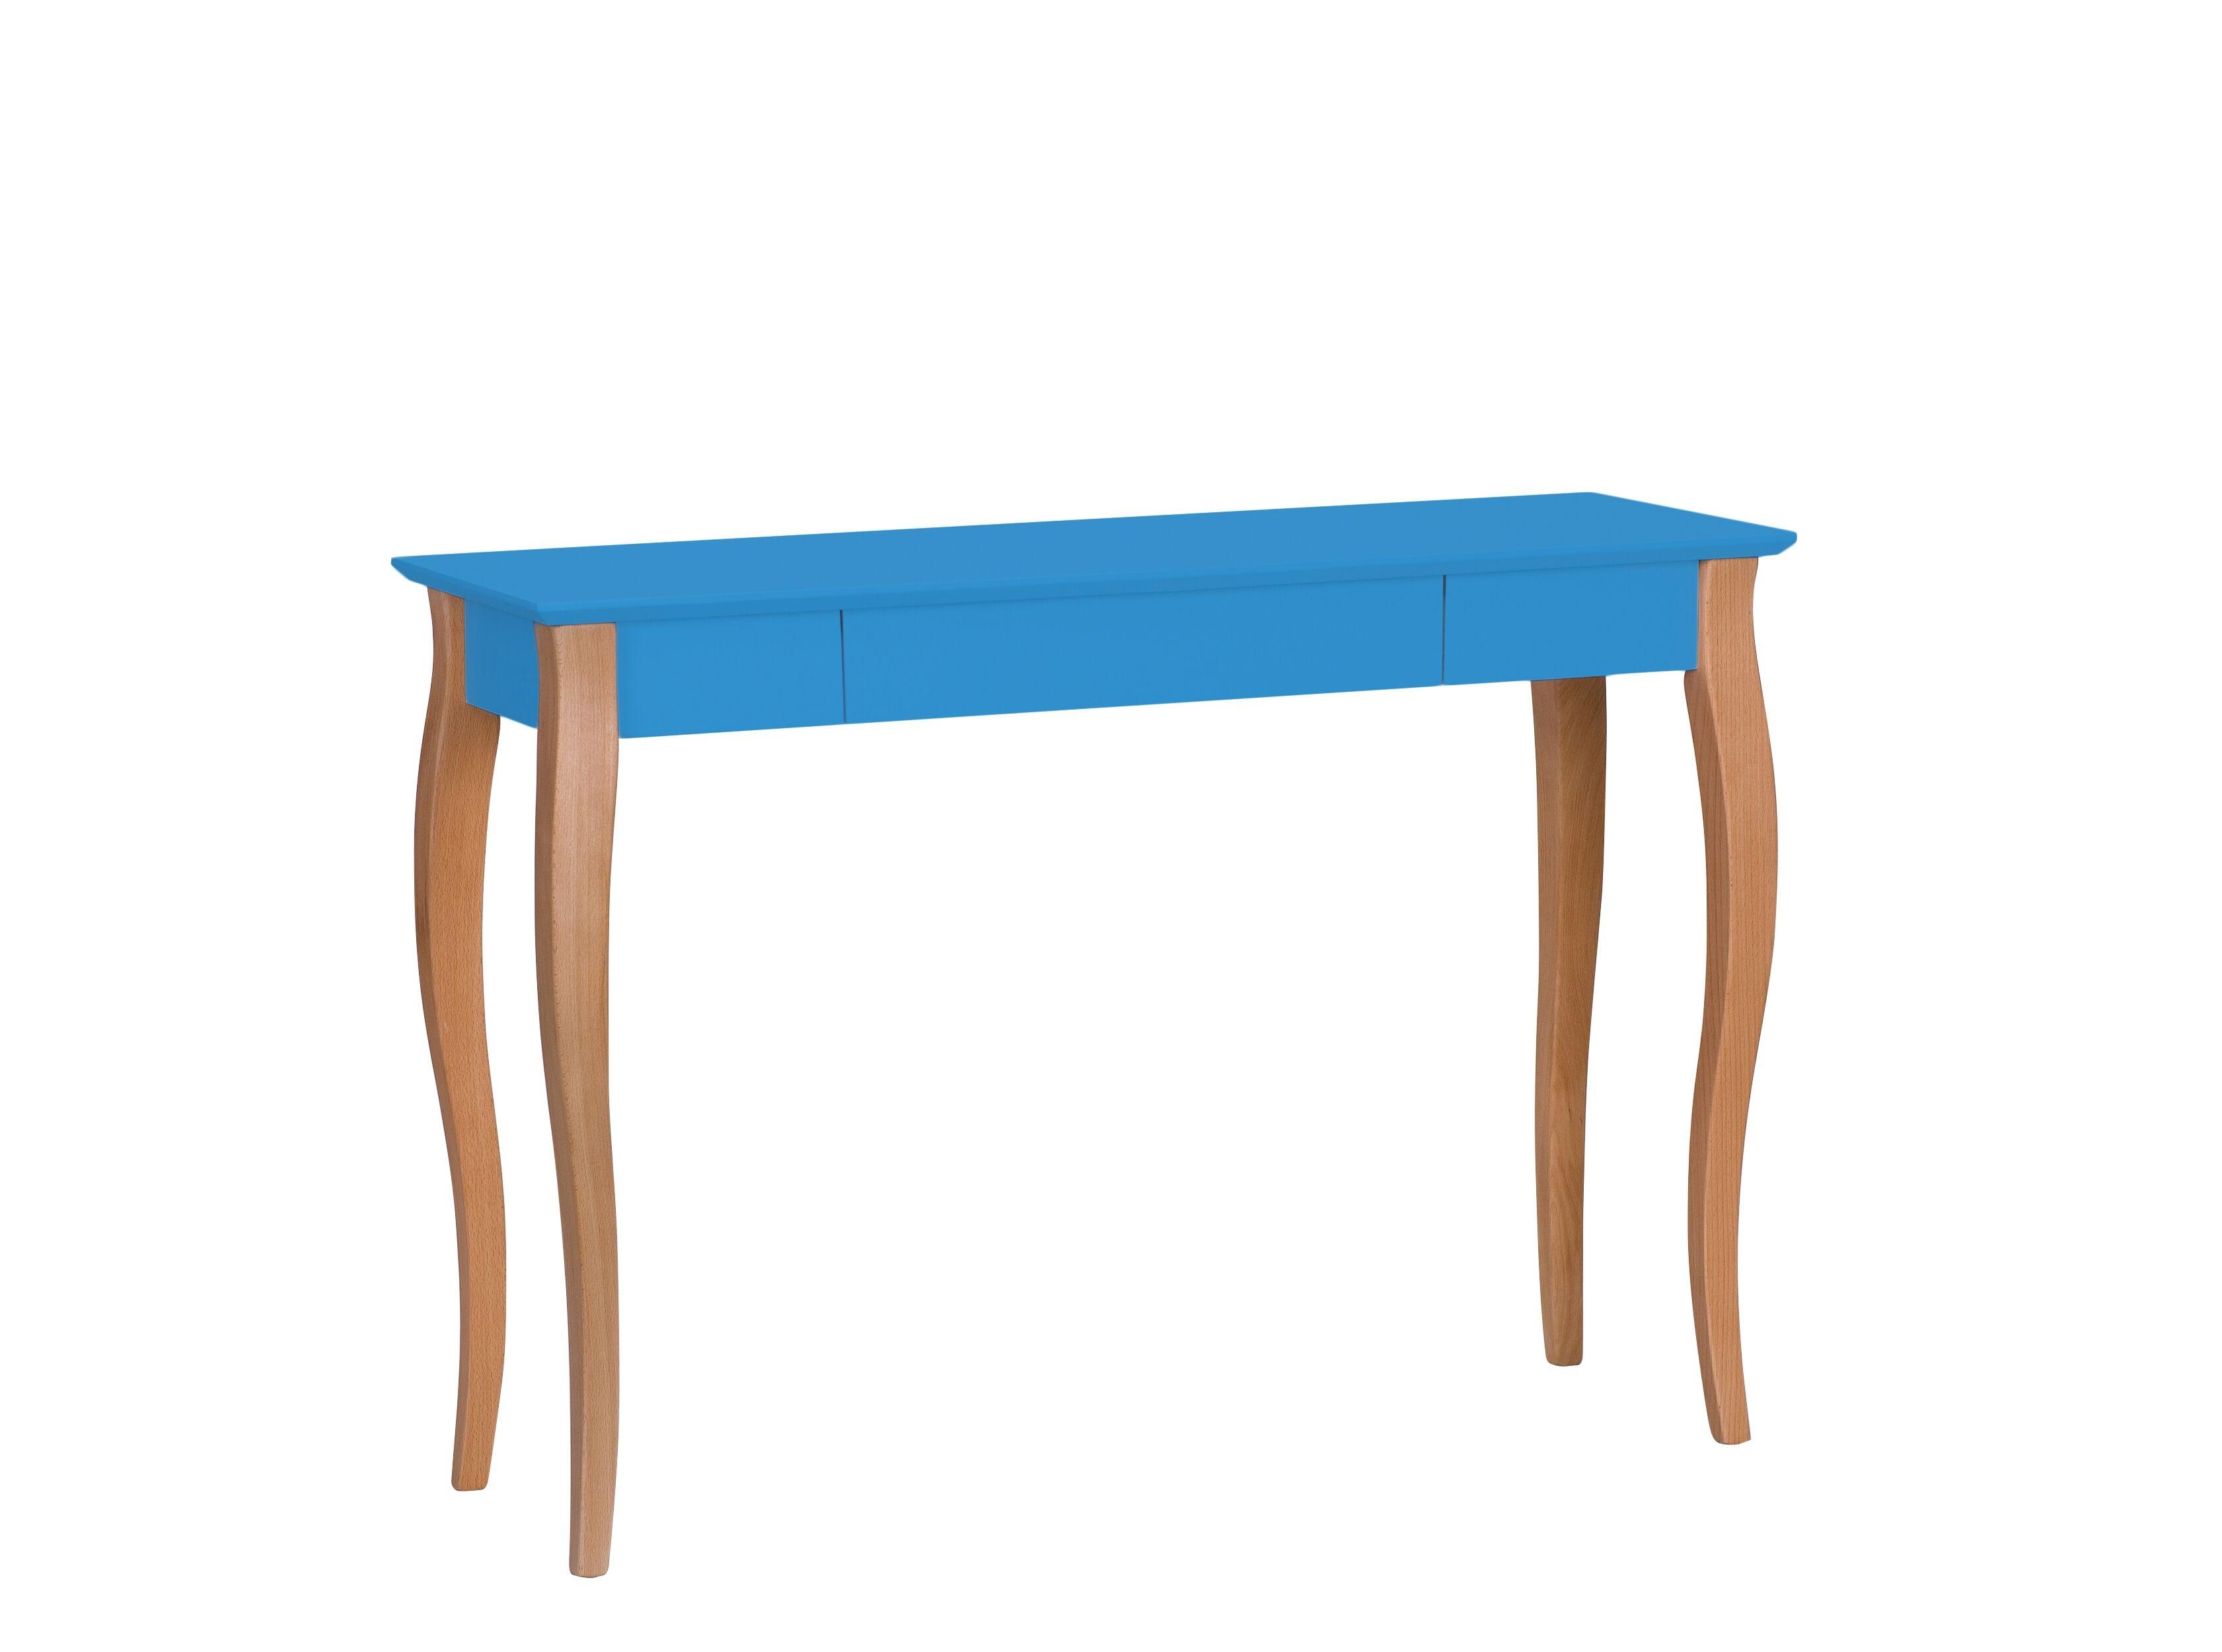 Masa de birou din lemn de fag si MDF cu 1 sertar Lillo Large Sky Blue / Beech L105xl40xH74 cm